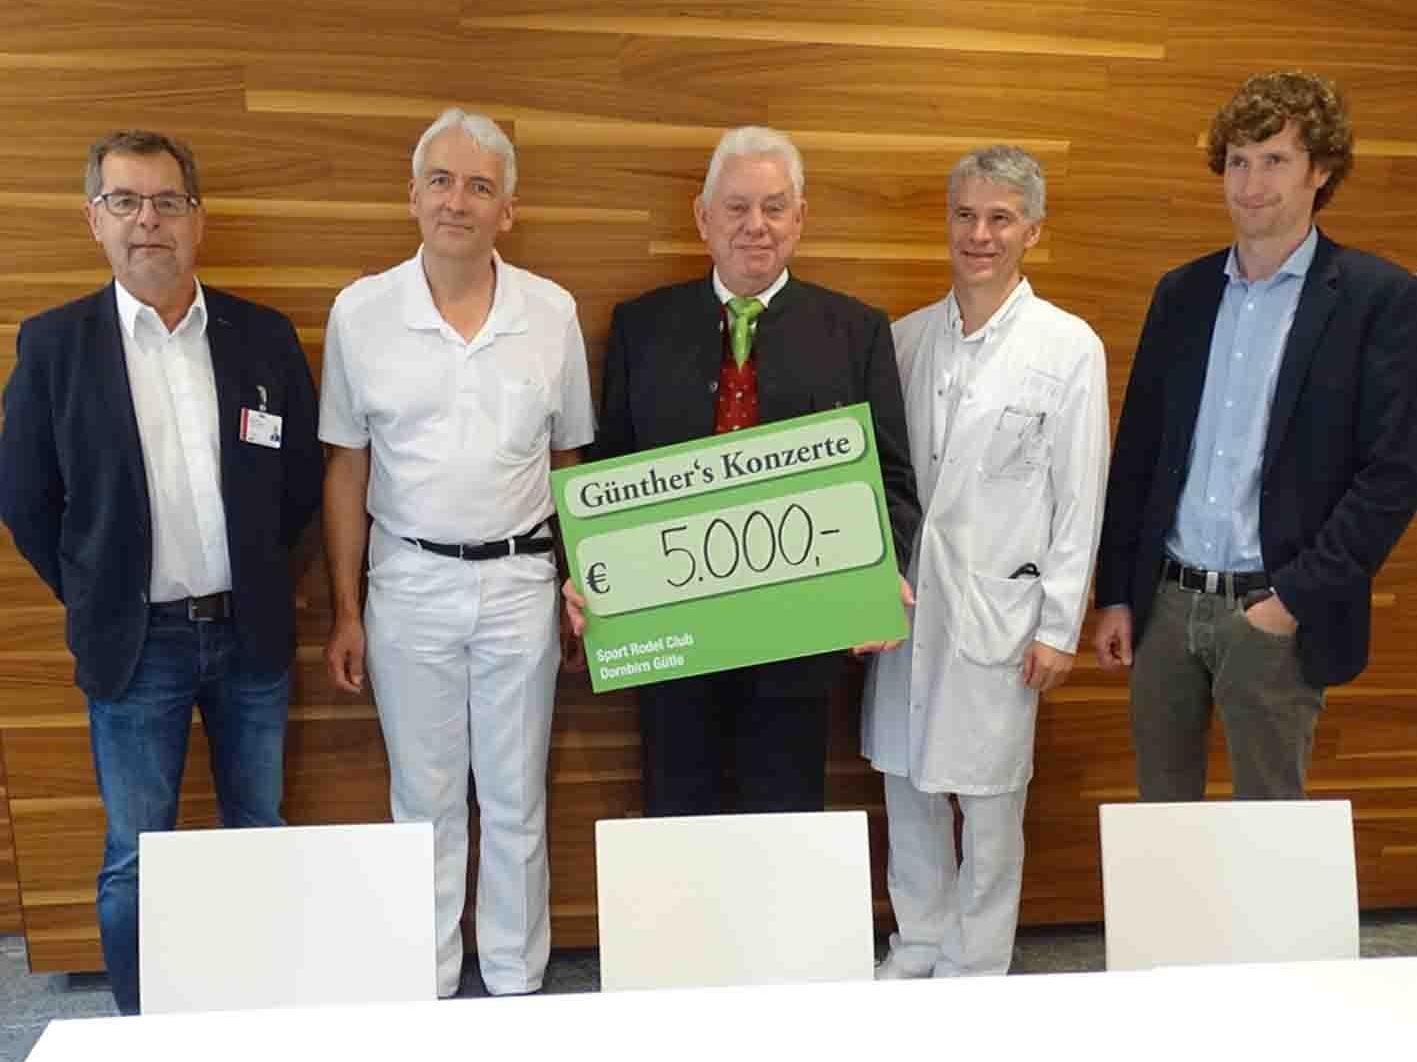 VD Dietmar Hartner, Dr. Otto Gehmacher, Hans Günther Lutz, Prim. Günter Höfle und PD Arno Geiger